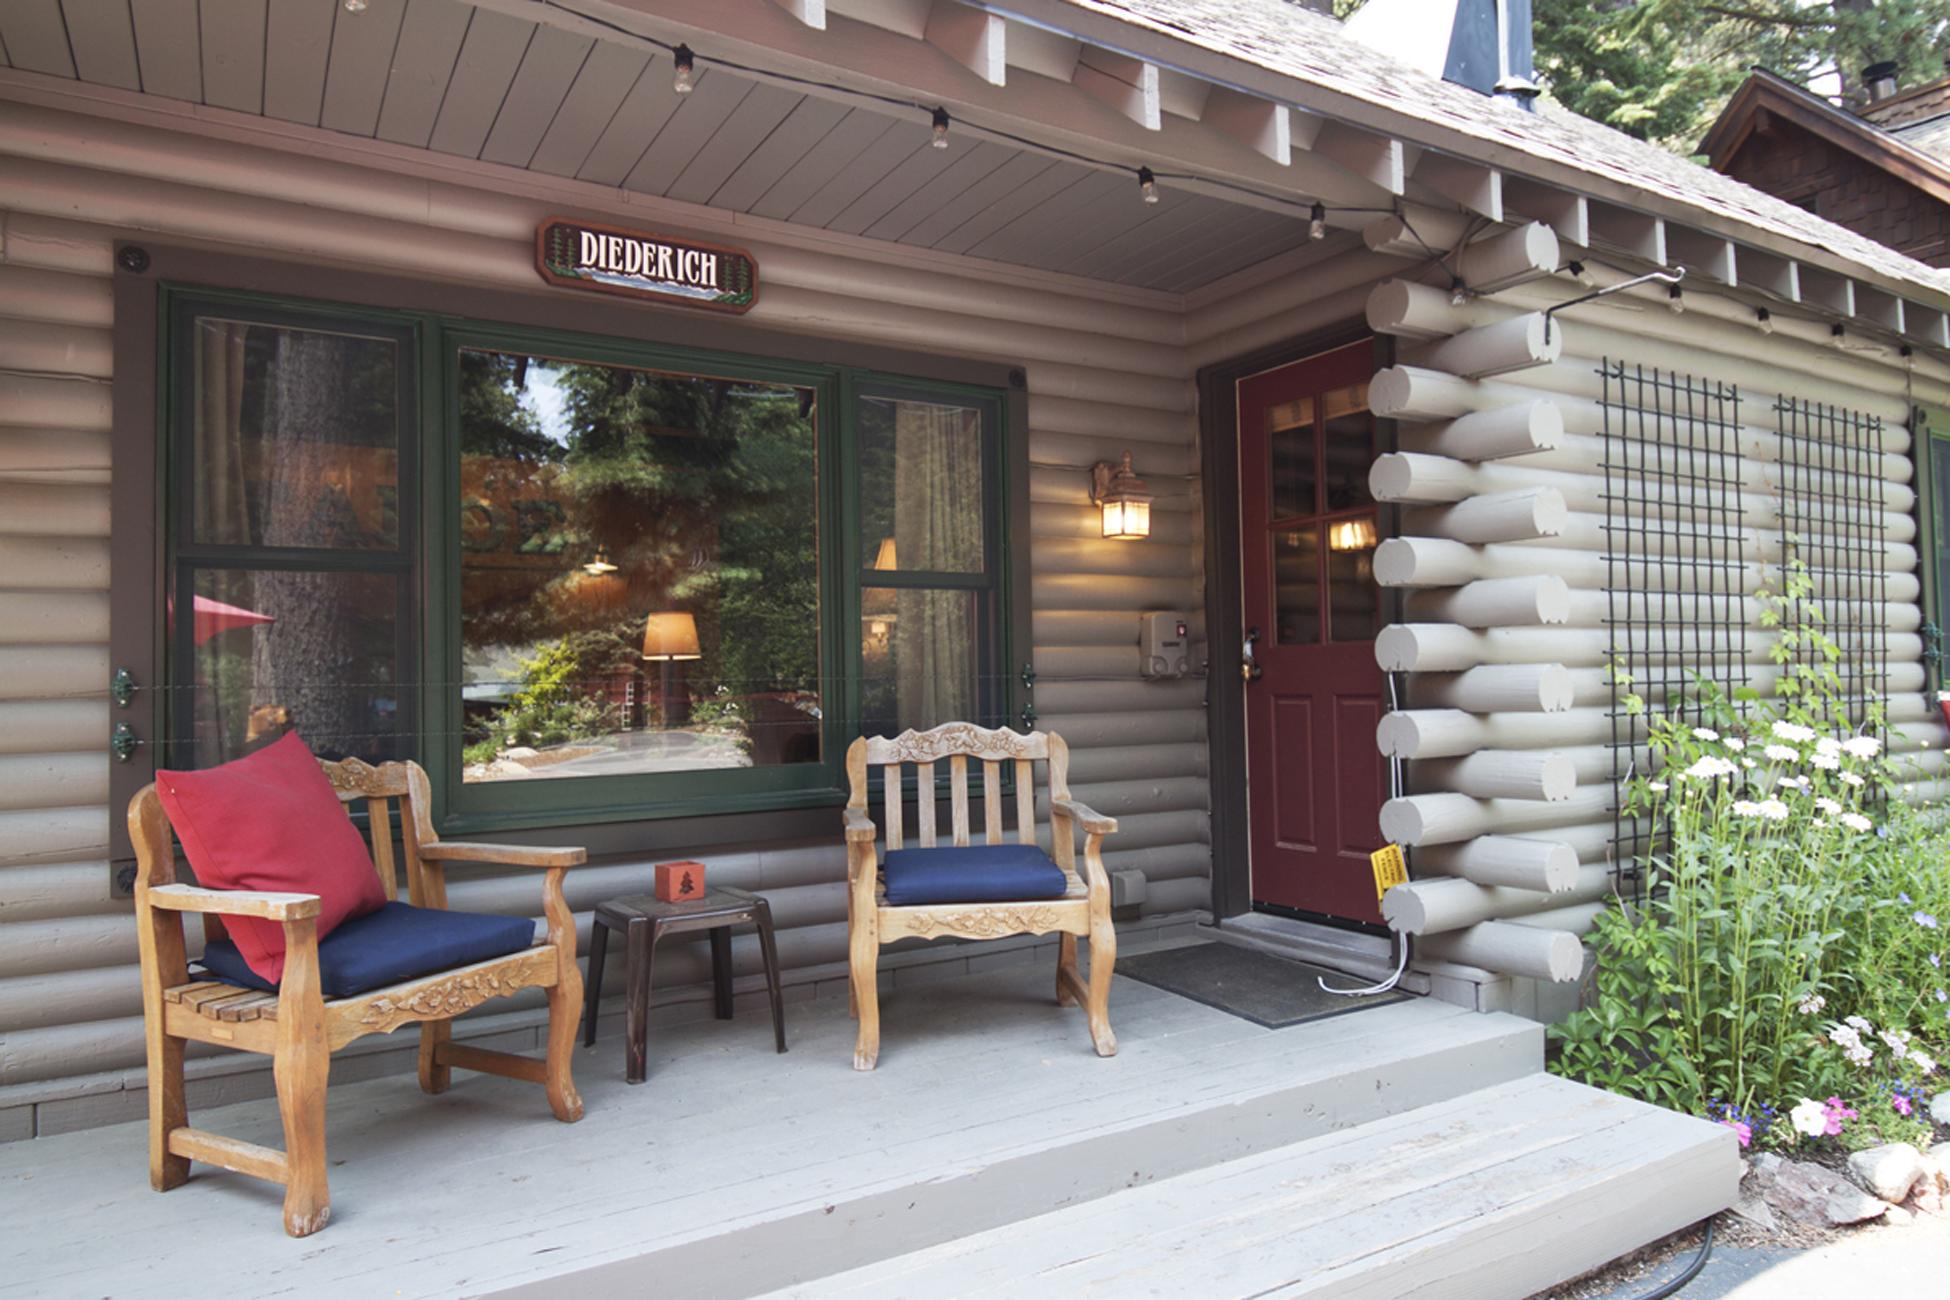 Listing Image 2 for Karley's Lake Lodge